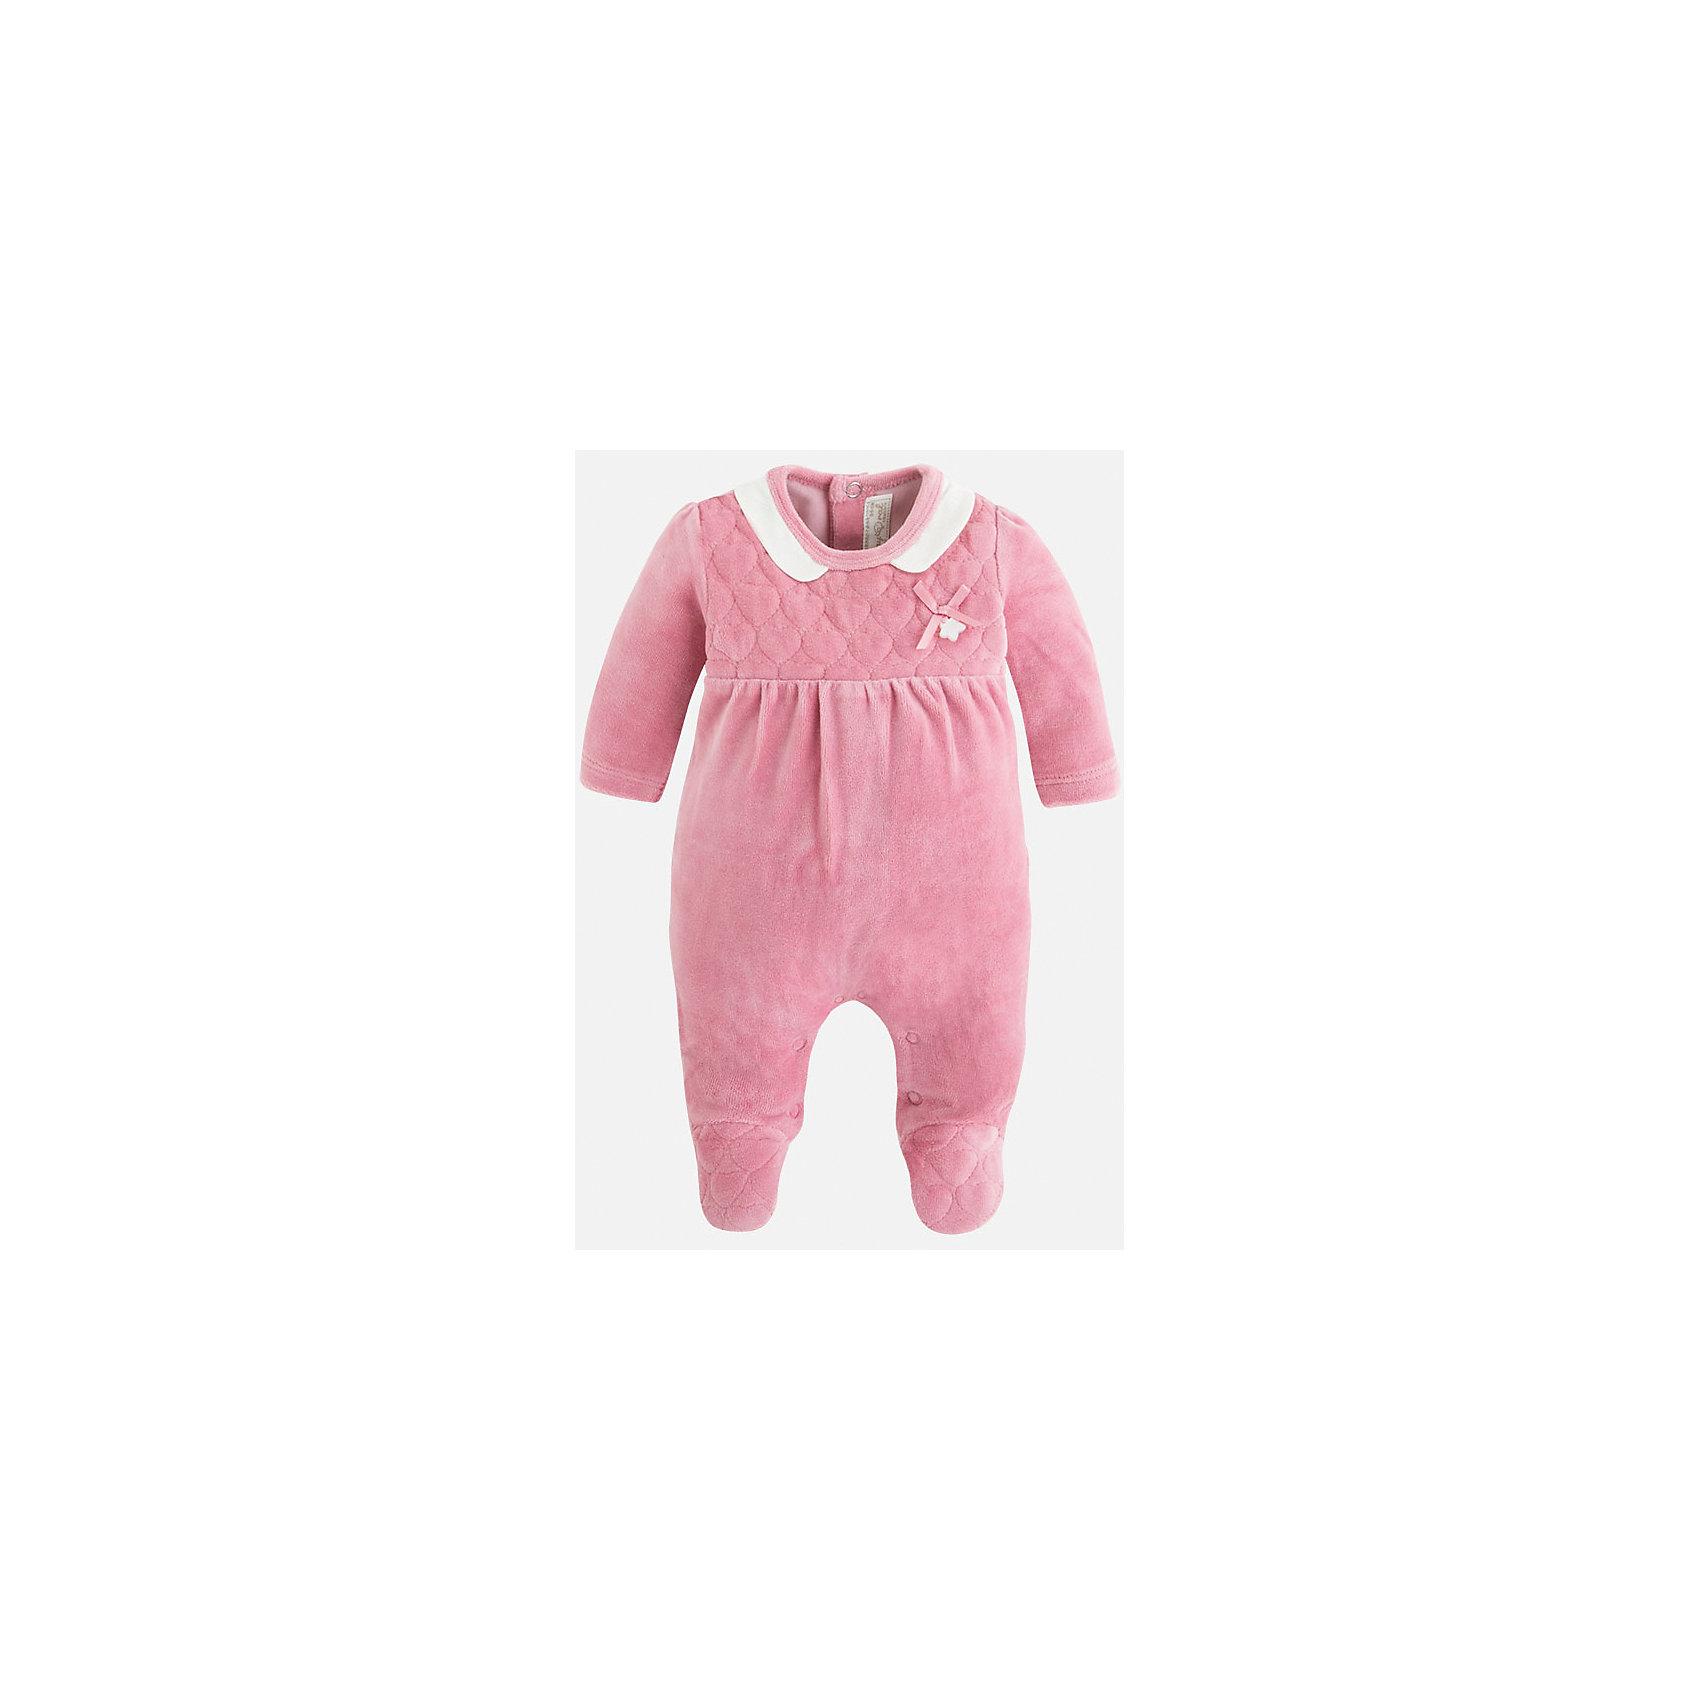 Комбинезон для девочки MayoralПижамы<br>Очаровательная розовая пижамка для новорожденной малышки. Изделие украшено маленьким бантиком. Застежки-кнопки по всей длине модели позволяют легко снимать и одевать пижаму. У пижамы закрытые ножки и открытые ручки.<br><br>Дополнительная информация: <br><br>- цвет:  розовый<br>- состав: хлопок 80%, полиэстер 20%; подкладка: хлопок: 100%<br>- длина рукава: длинные<br>- фактура материала: текстильный<br>- вид застежки: кнопки<br>- уход за вещами: бережная стирка при 30 градусах<br>- рисунок: без  рисунка<br>- назначение: повседневная<br>- сезон: круглогодичный<br>- пол: девочки<br>- страна бренда: Испания<br>- комплектация: пижама<br><br>Пижаму для девочки торговой марки    Майорал  можно купить в нашем интернет-магазине.<br><br>Ширина мм: 281<br>Глубина мм: 70<br>Высота мм: 188<br>Вес г: 295<br>Цвет: красный<br>Возраст от месяцев: 24<br>Возраст до месяцев: 36<br>Пол: Женский<br>Возраст: Детский<br>Размер: 50,68,62,56<br>SKU: 4846119